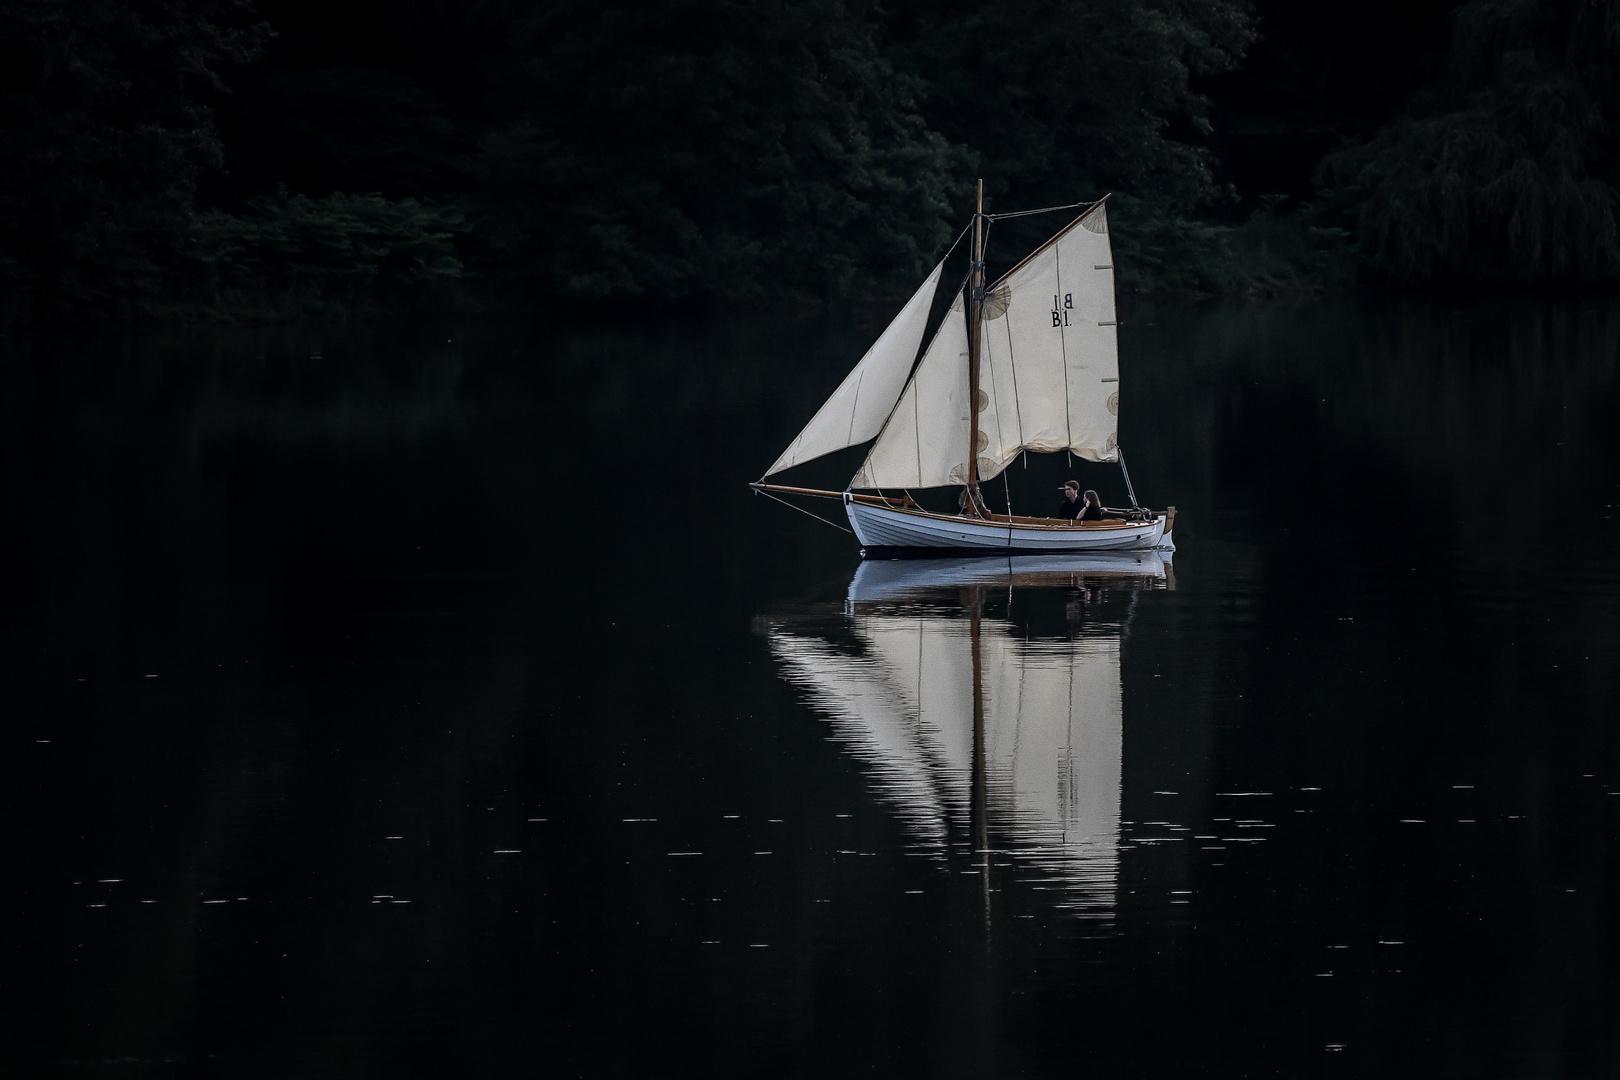 Am Sonntag will mein Süßer mit mir segeln geh'n